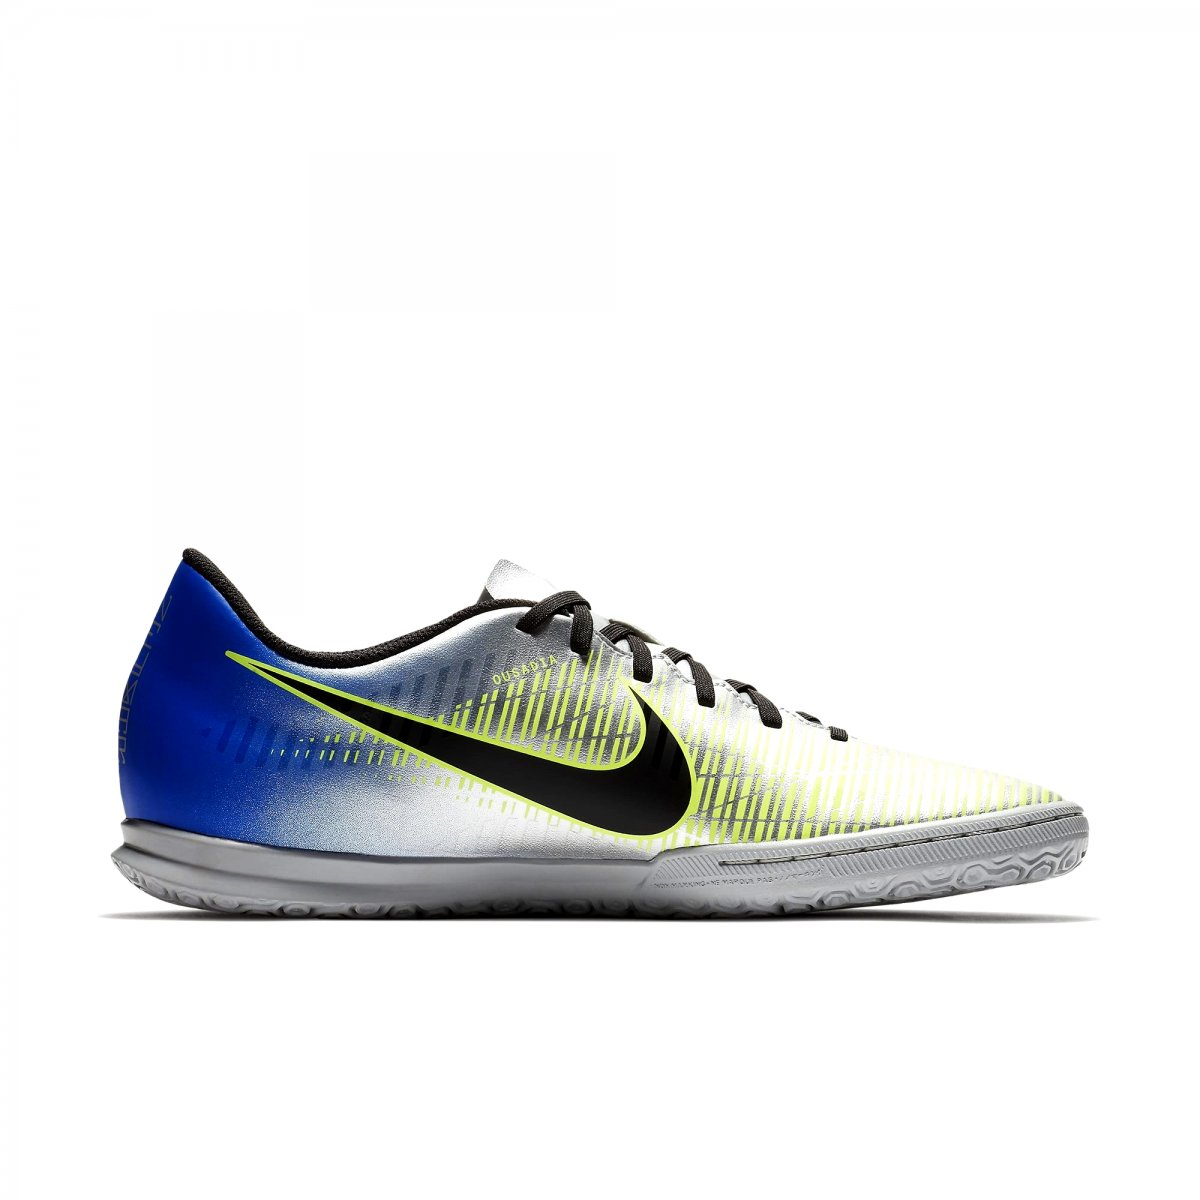 cheap for discount 6b4e6 faef7 Indoor Nike Mercurialx Vortex III Neymar